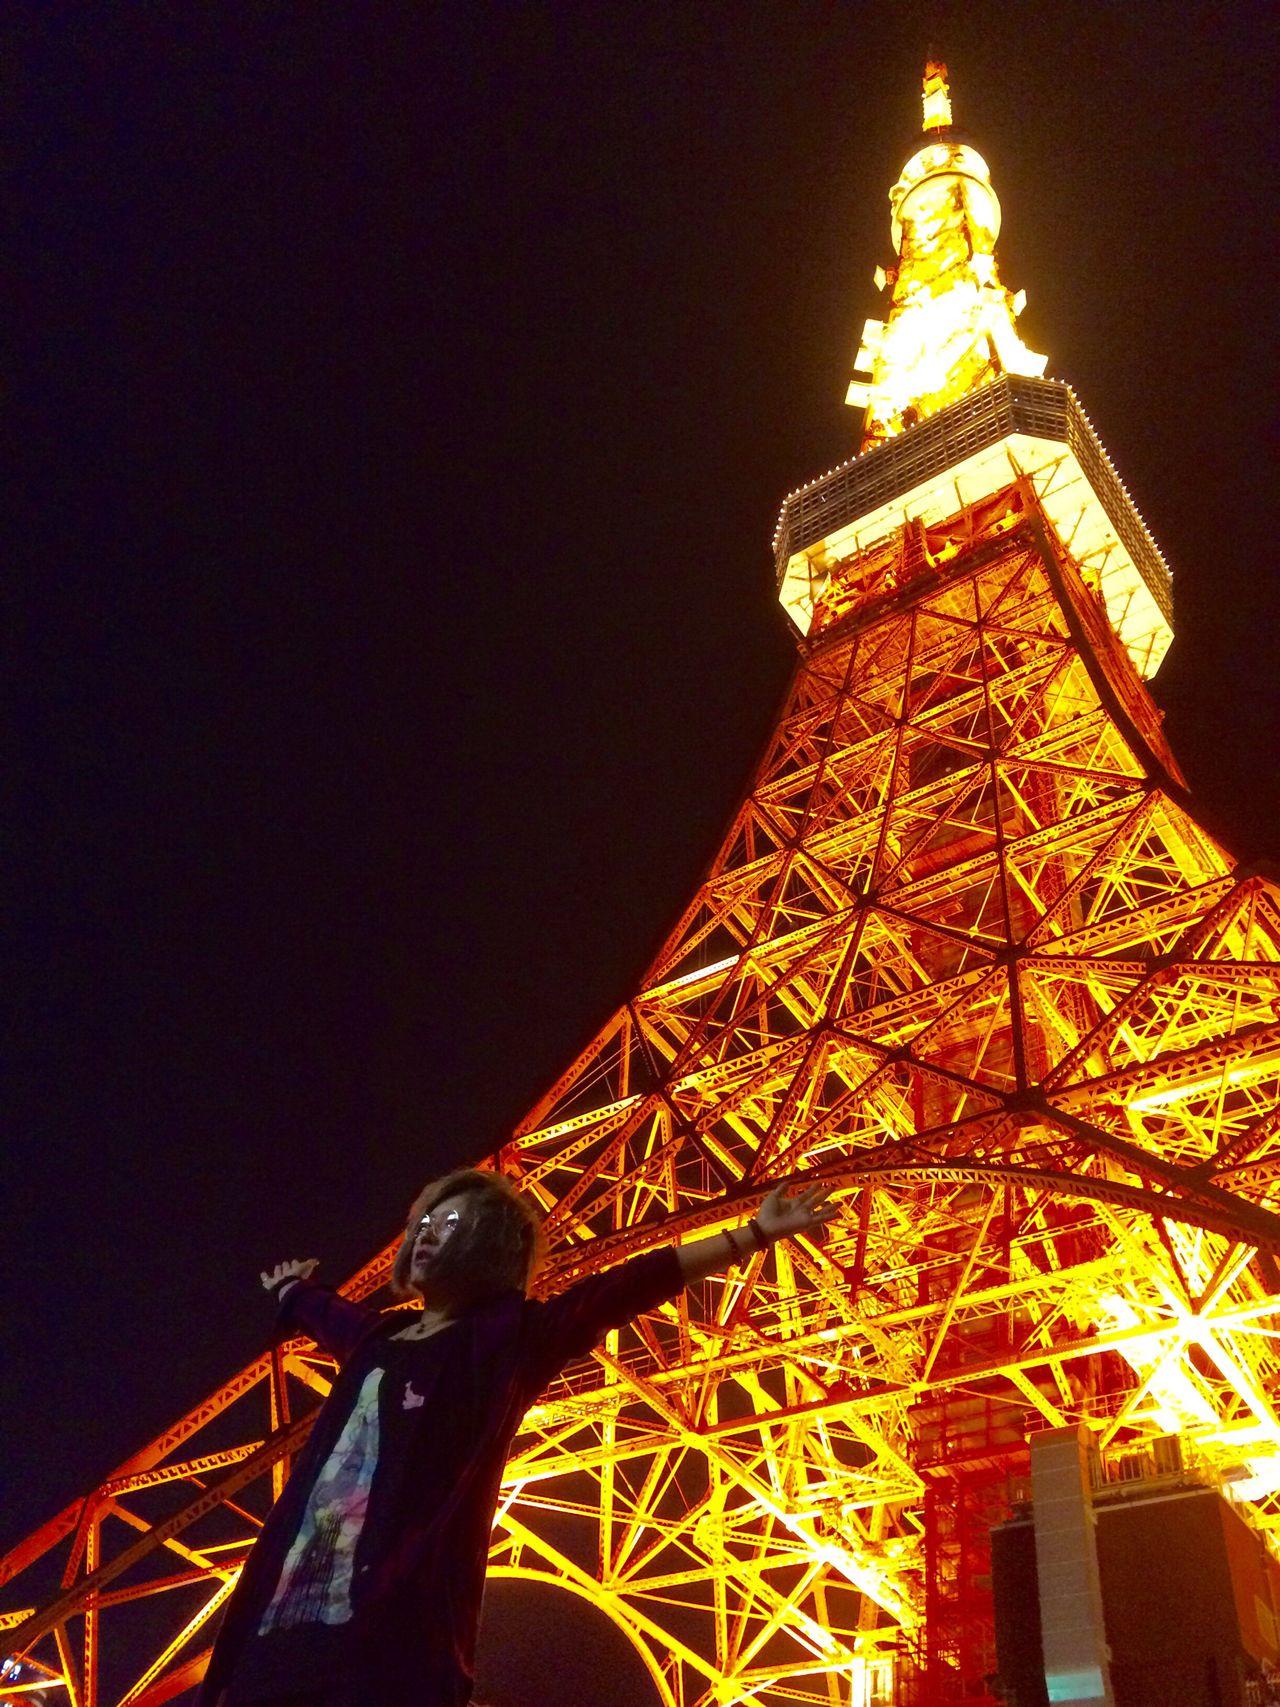 日本 Photo AiruHino City 東京 Japan Beautiful View Tokyo Japan Photography Tokyo,Japan Nice Goodview Tower Night Photography Tokyo Tower Tokyo Street Photography Like Day Me 東京タワー